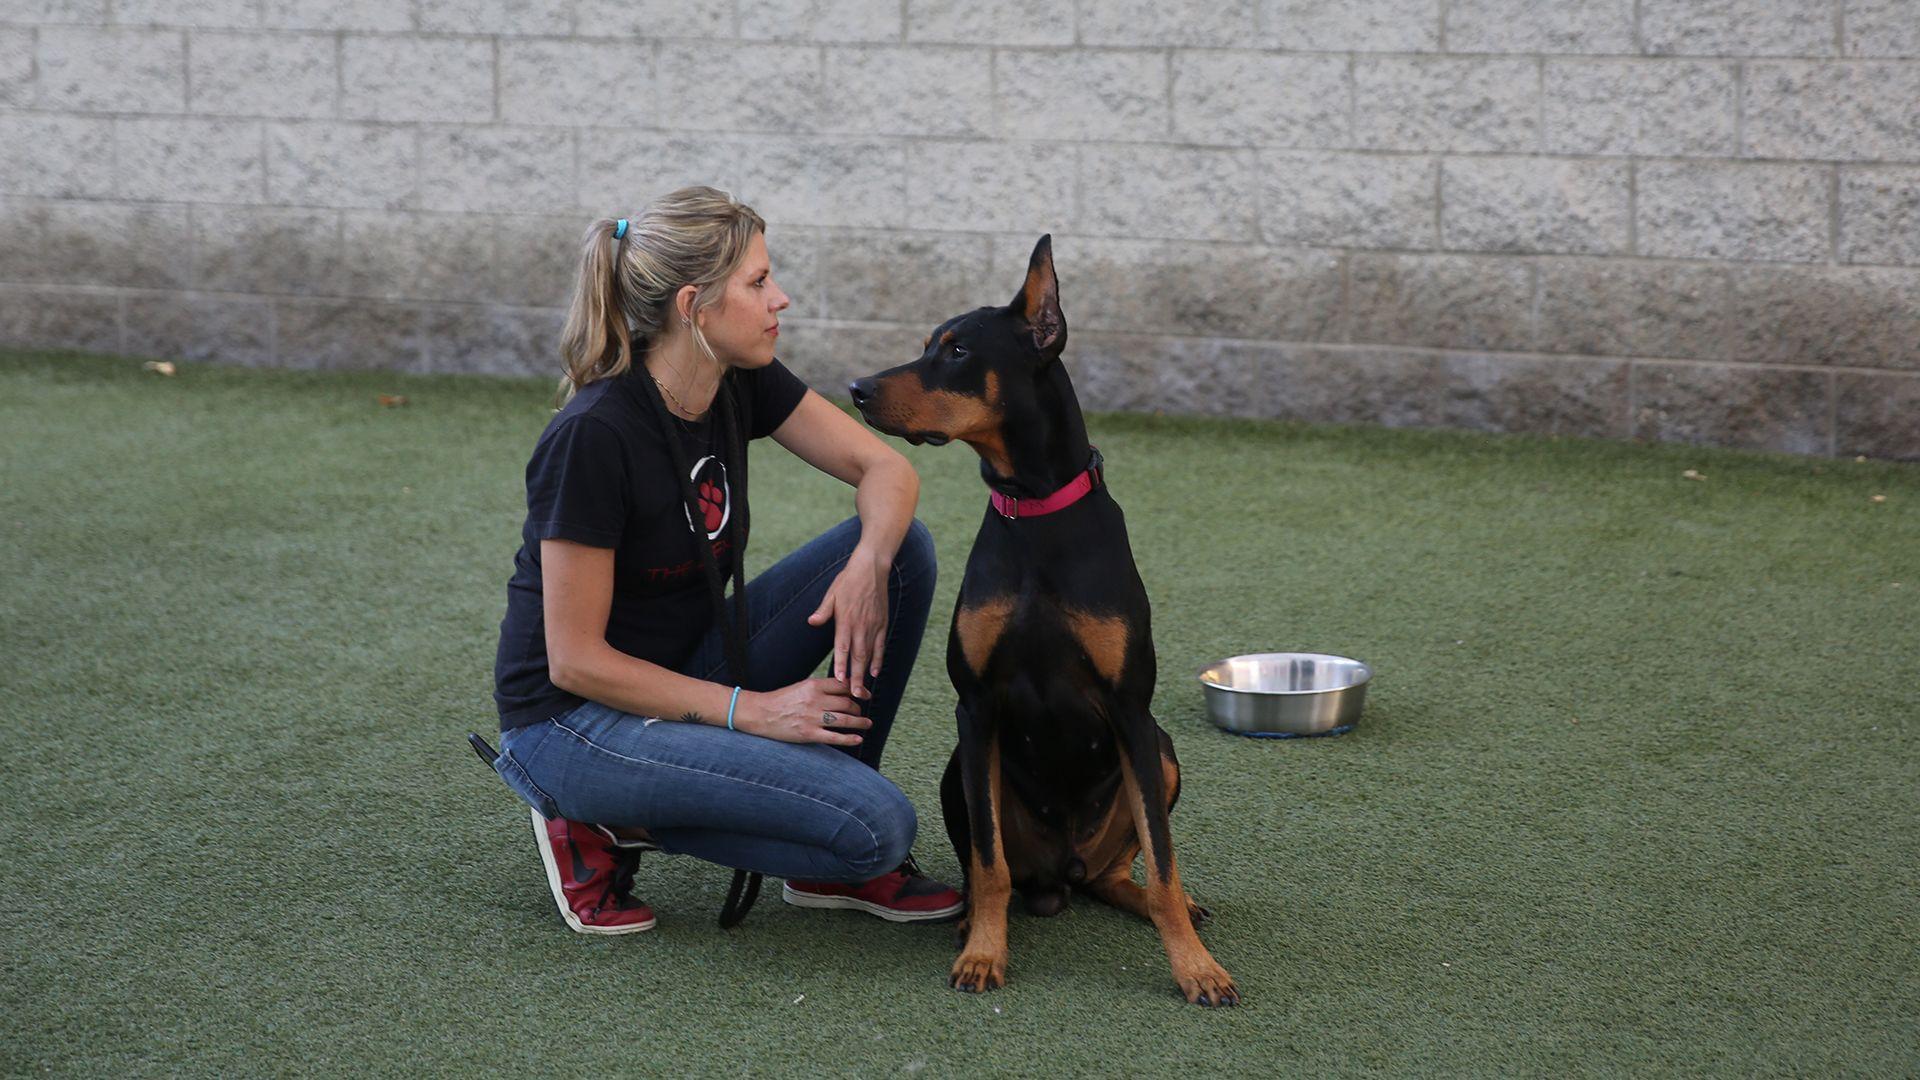 المدربة ستيف دوريو تعمل مع الكلب نيرو في باحة منشأة... [Photo of the day - أكتوبر 2021]